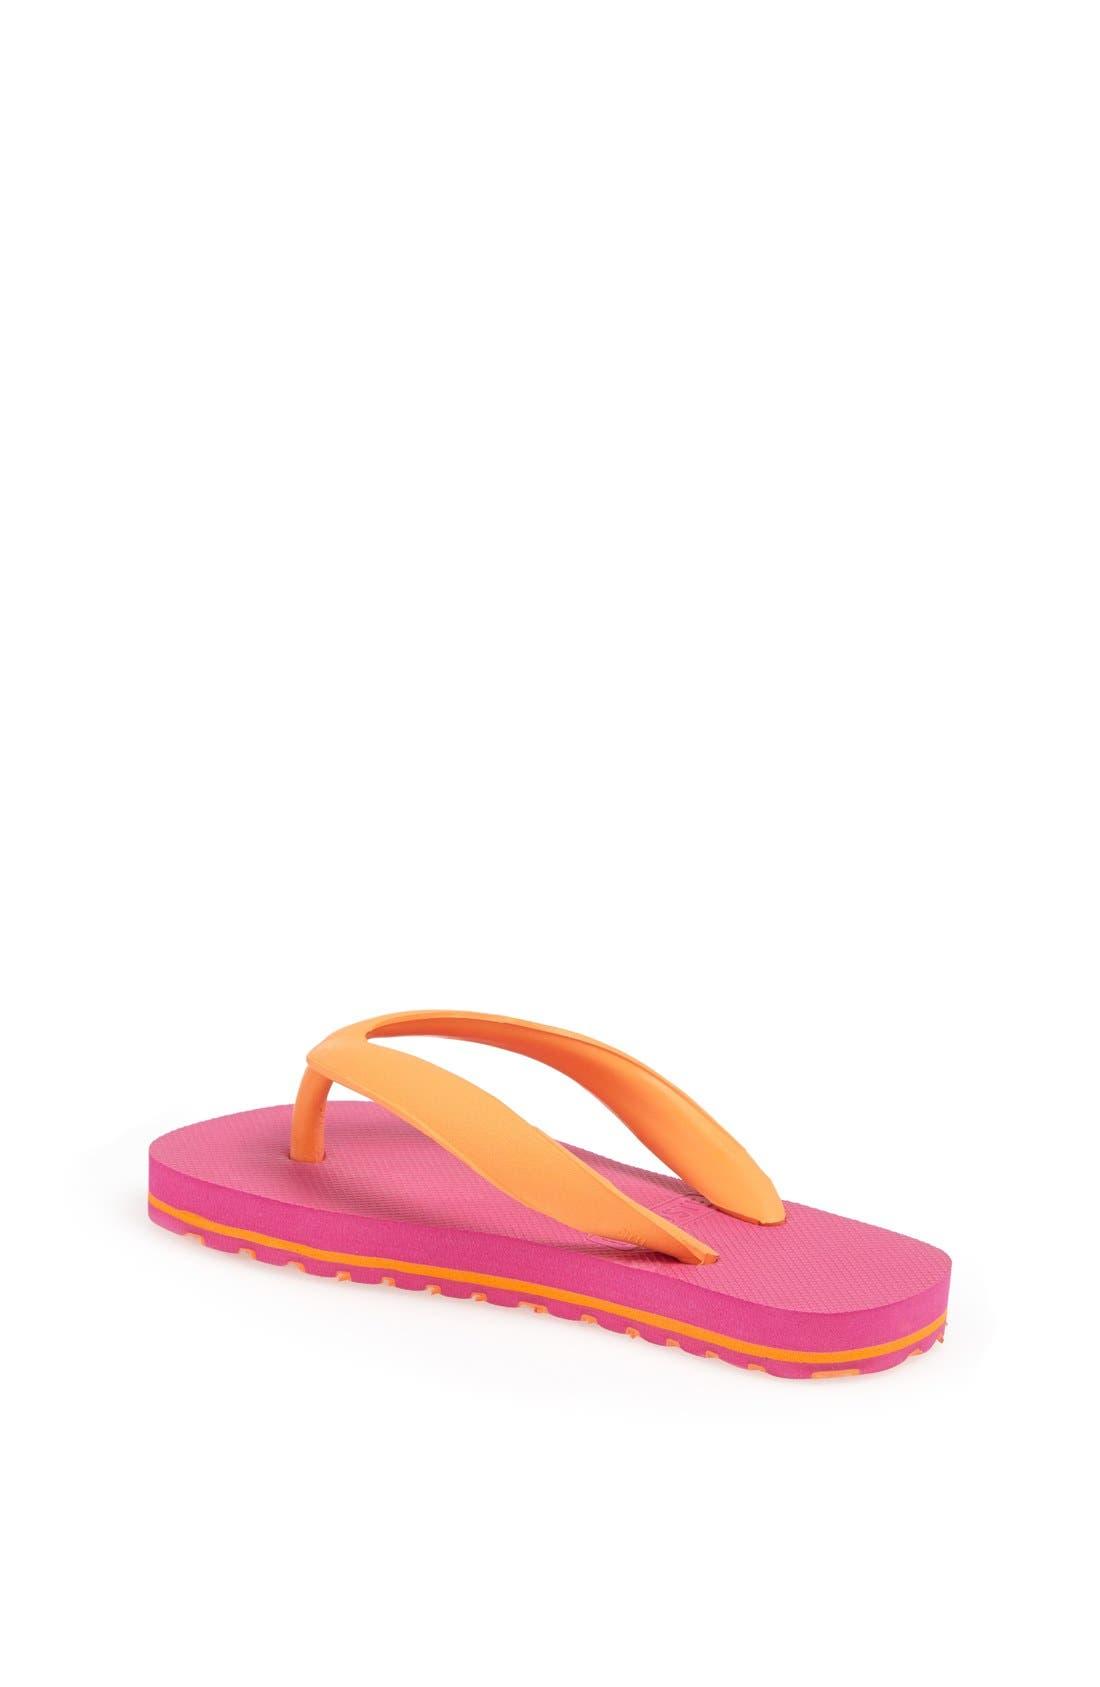 Alternate Image 2  - Lacoste 'Nosara' Flip Flop (Toddler & Little Kid)